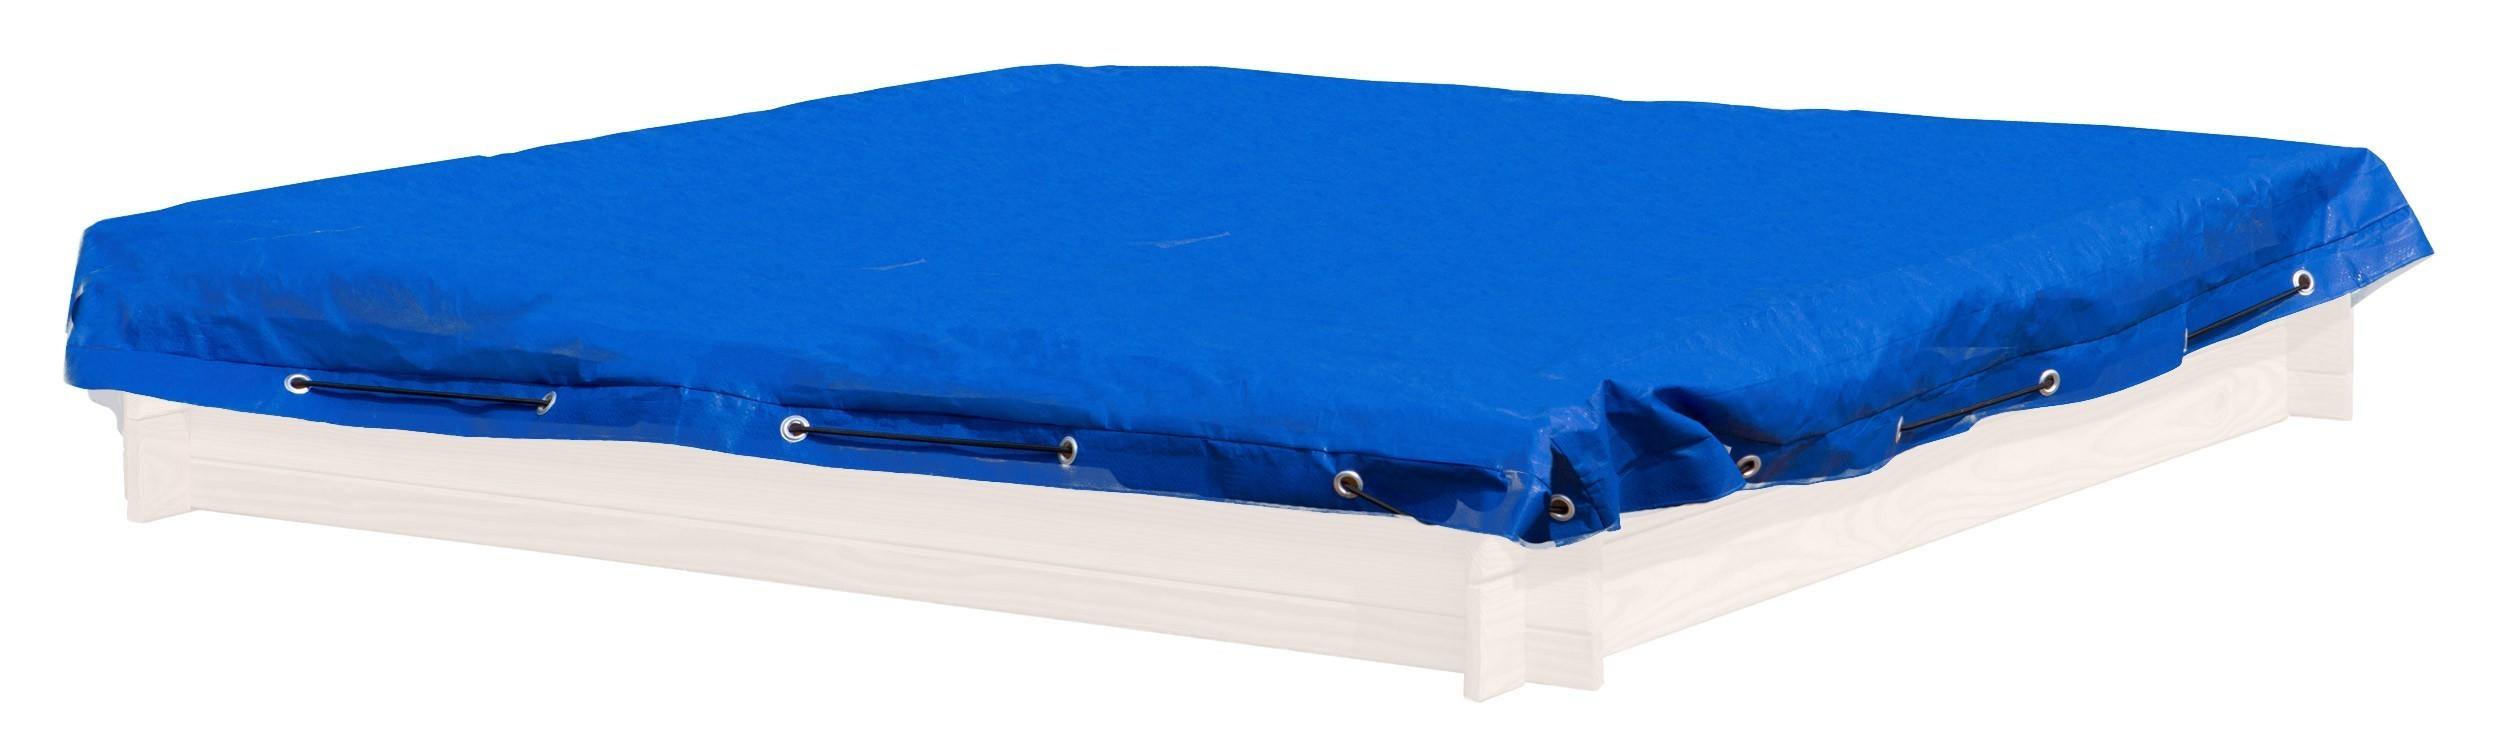 Sandkastenabdeckung / Abdeckplane für Sandkasten 150x150cm blau Bild 1